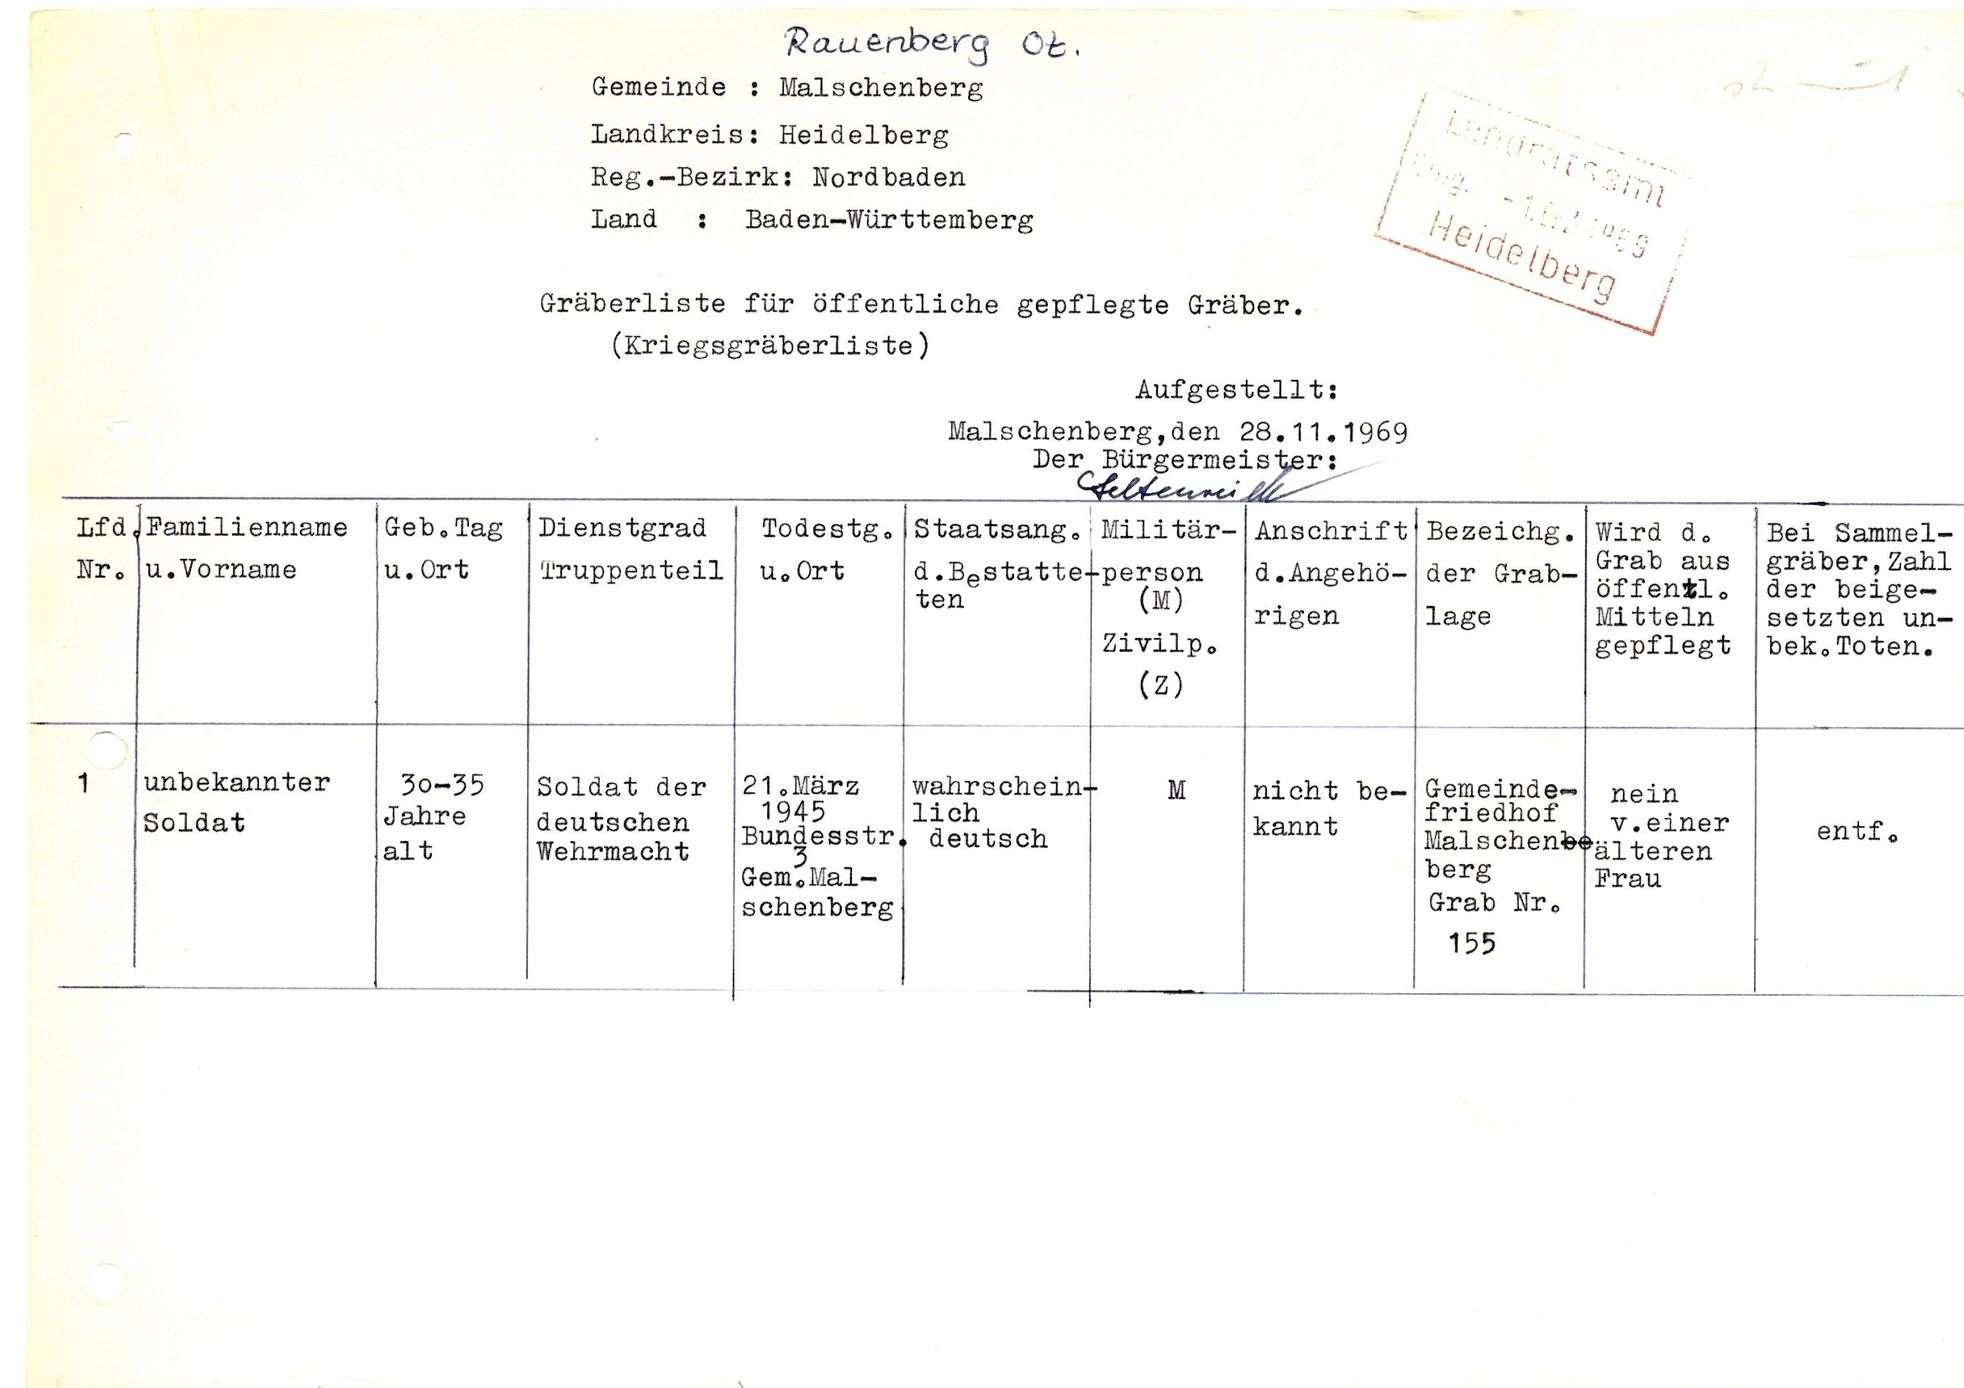 Malschenberg, Bild 1